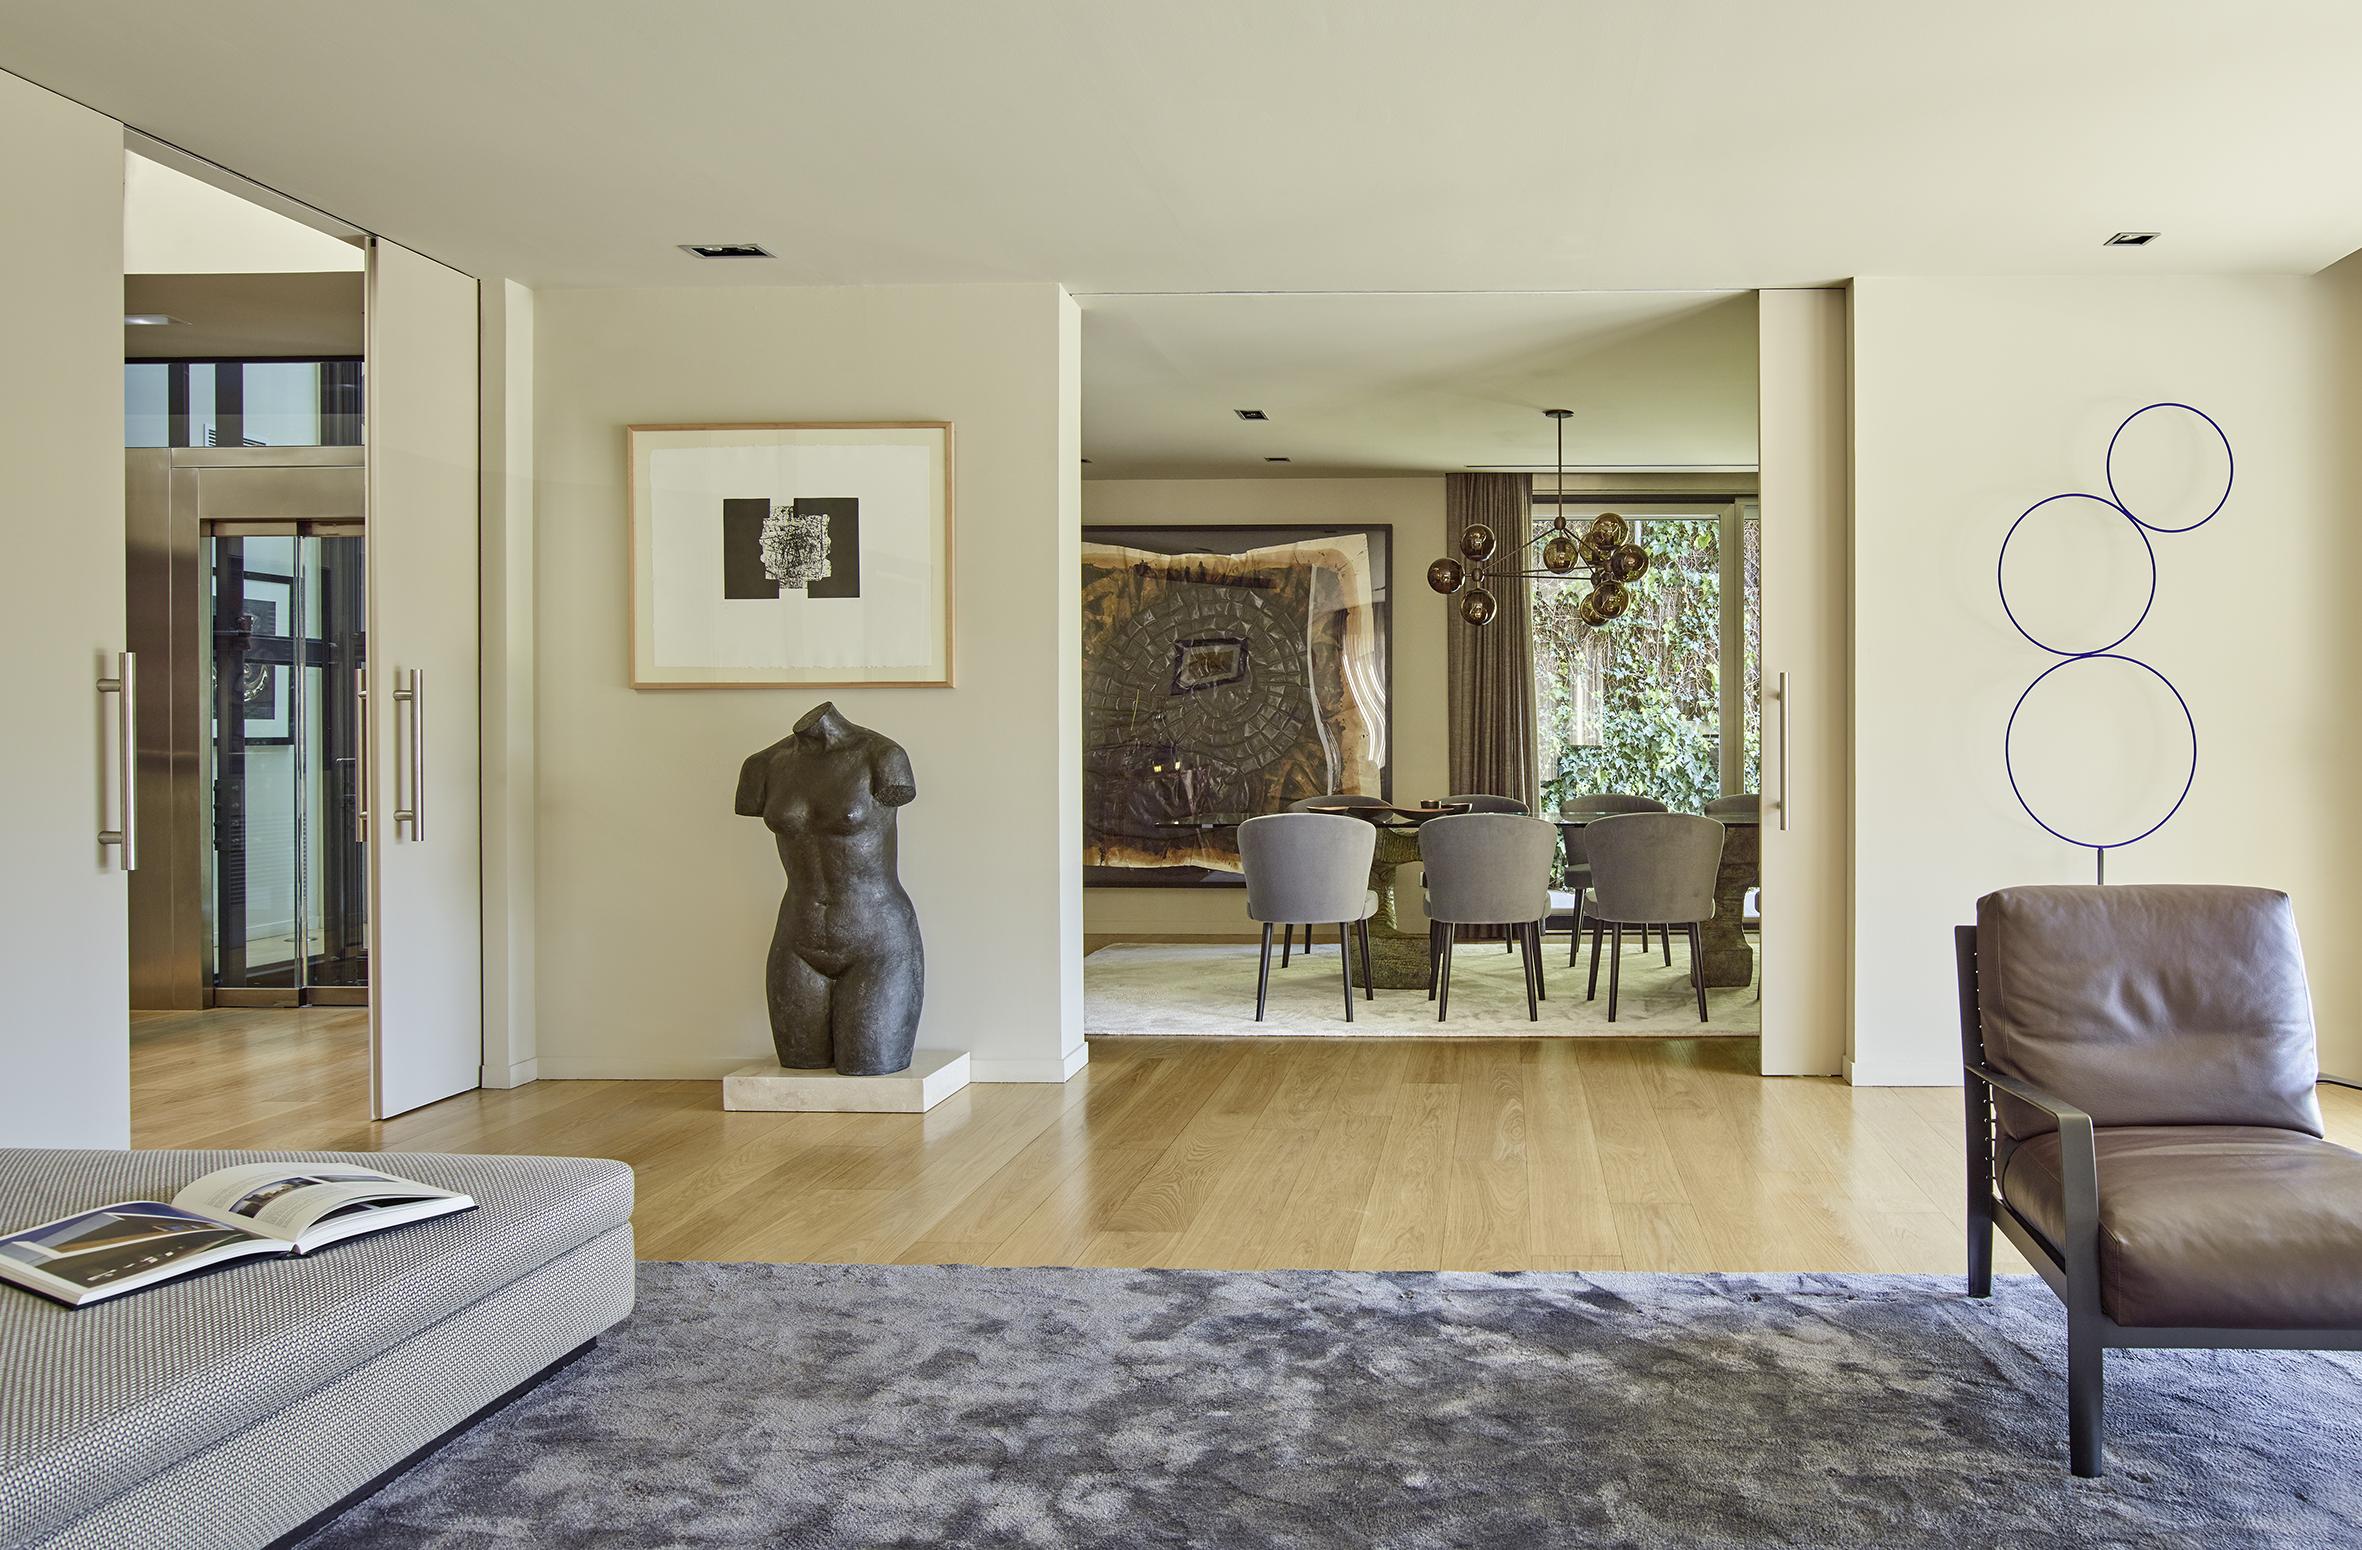 Proyecto de interiorismo de una casa en sant gervasi vilablanch estudio de arquitectura - Estudios de interiorismo en barcelona ...